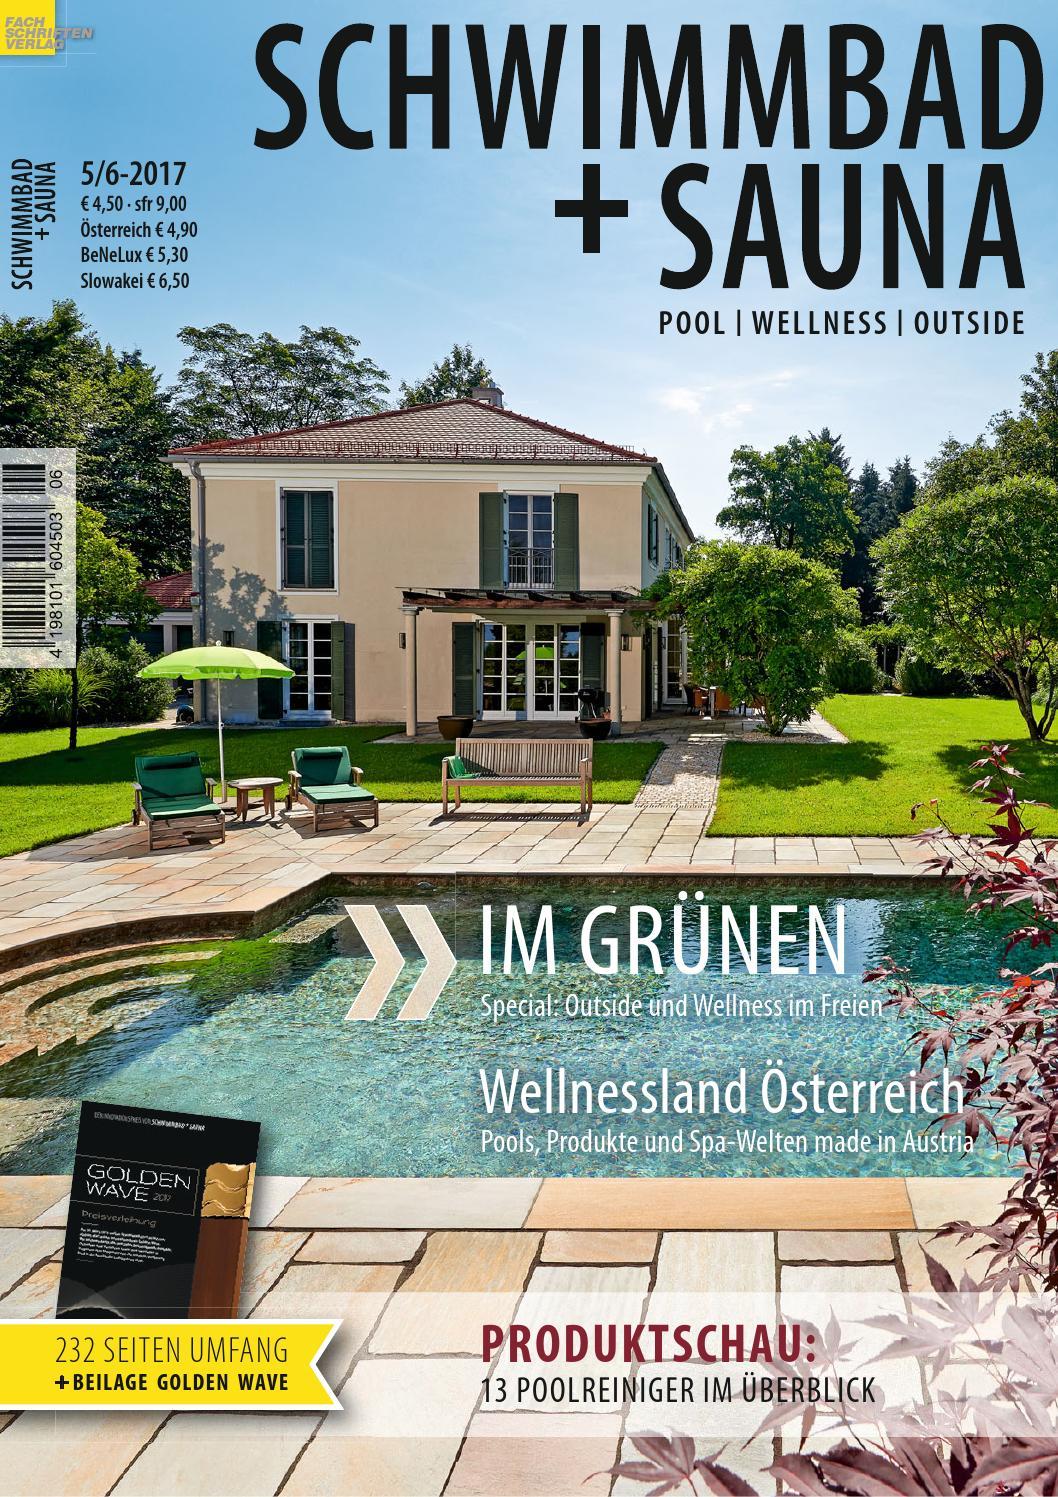 Schwimmbad sauna 5 6 2017 by fachschriften verlag issuu for Grabner pool